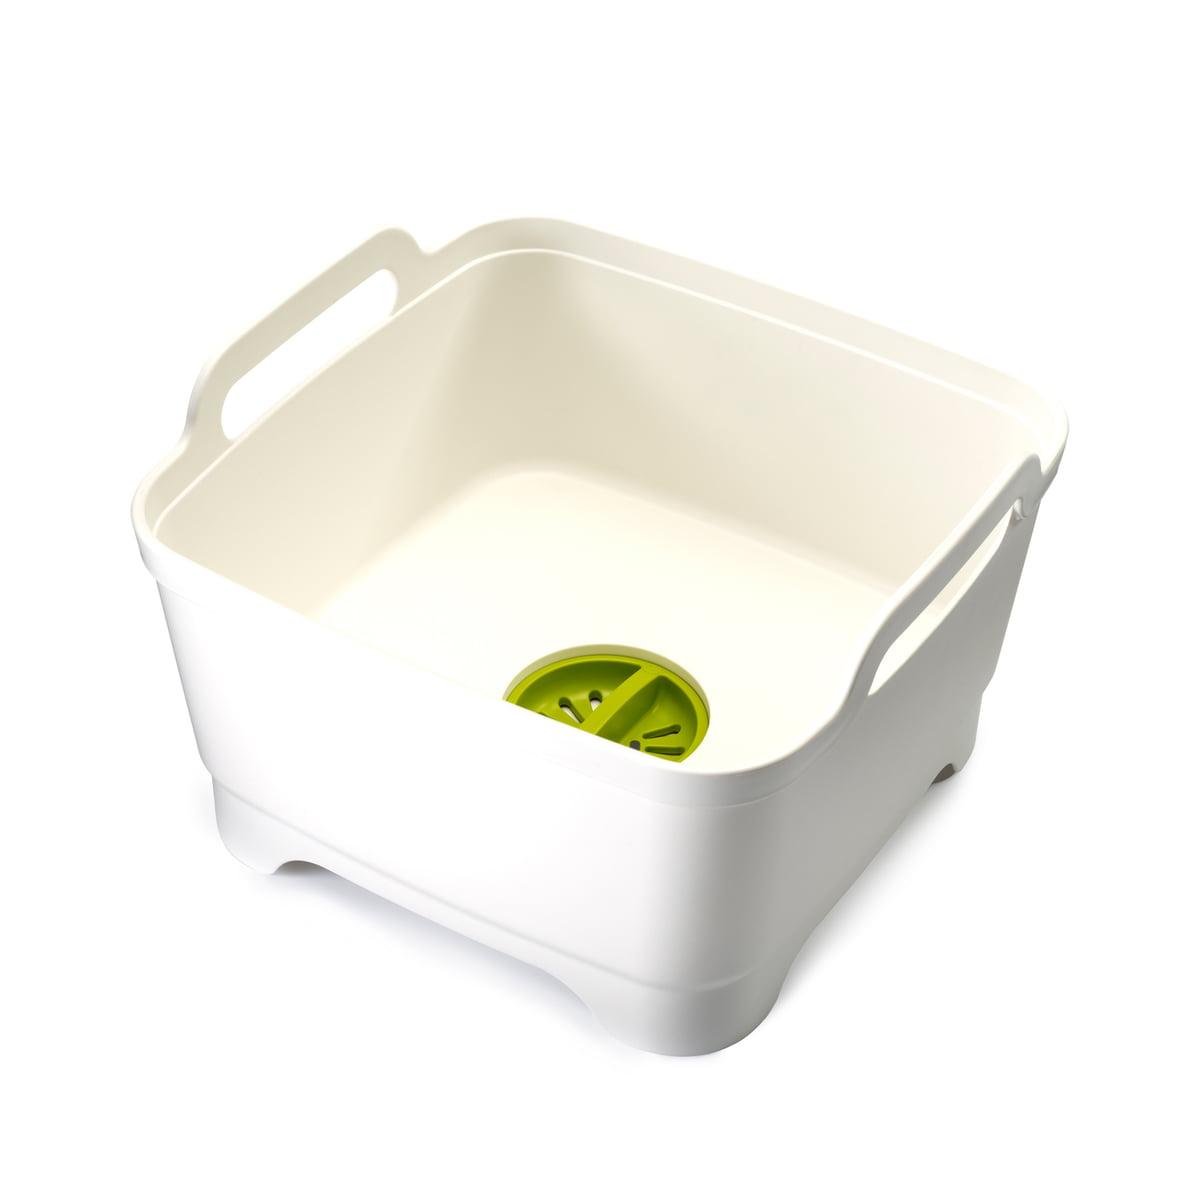 Joseph Joseph - Wash&Drain, Geschirrspülbecken mit Ablaufstecker, weiß / grün | Küche und Esszimmer > Küchen-Zubehör > Halter und Haken | Weiß | Joseph Joseph